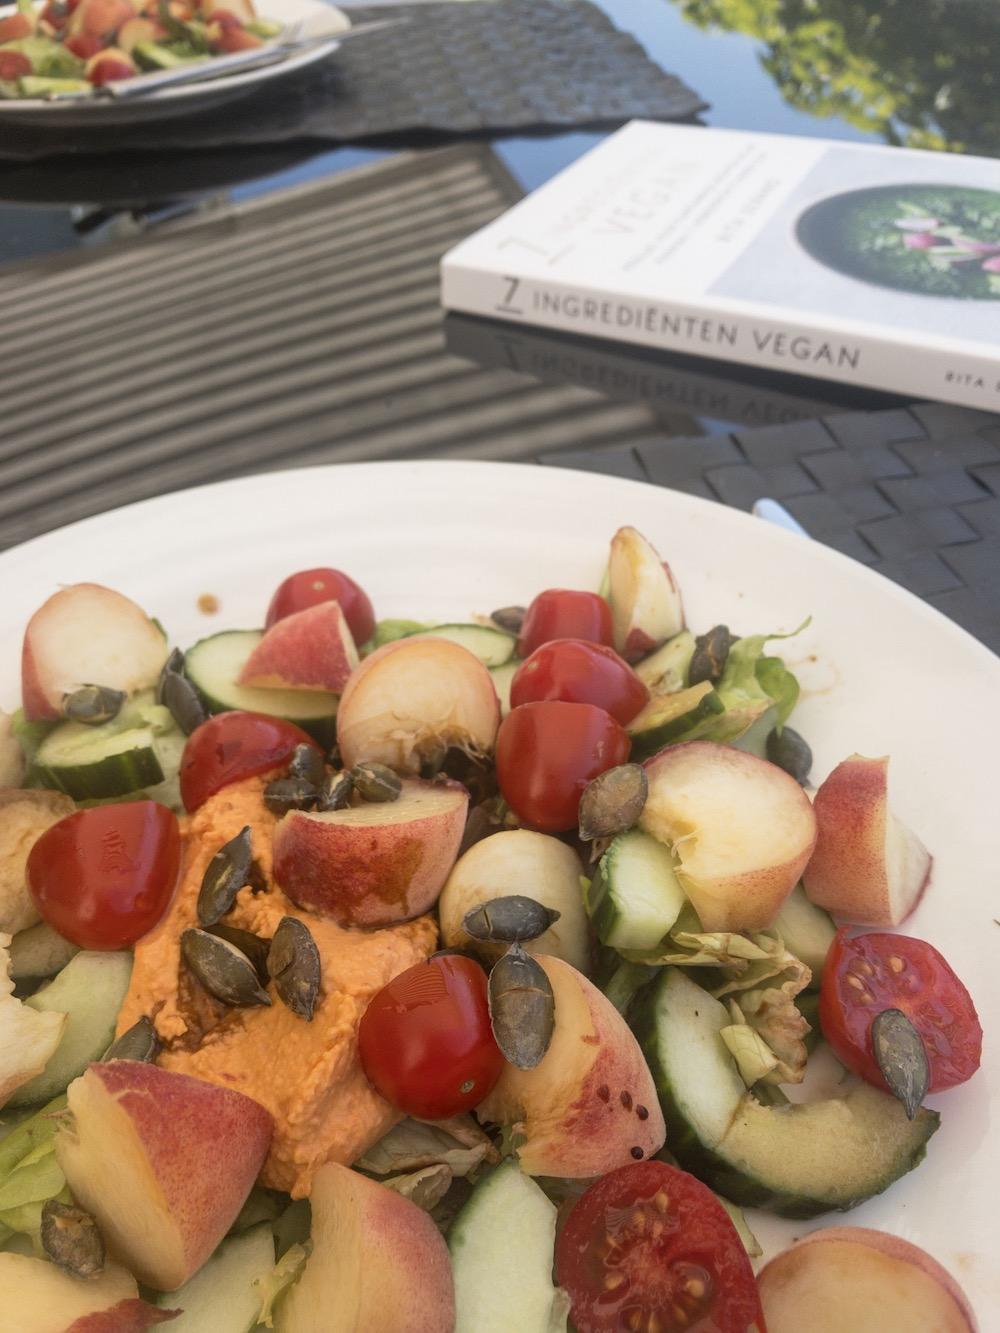 Heerlijke Vegan salade met 7 ingrediënten